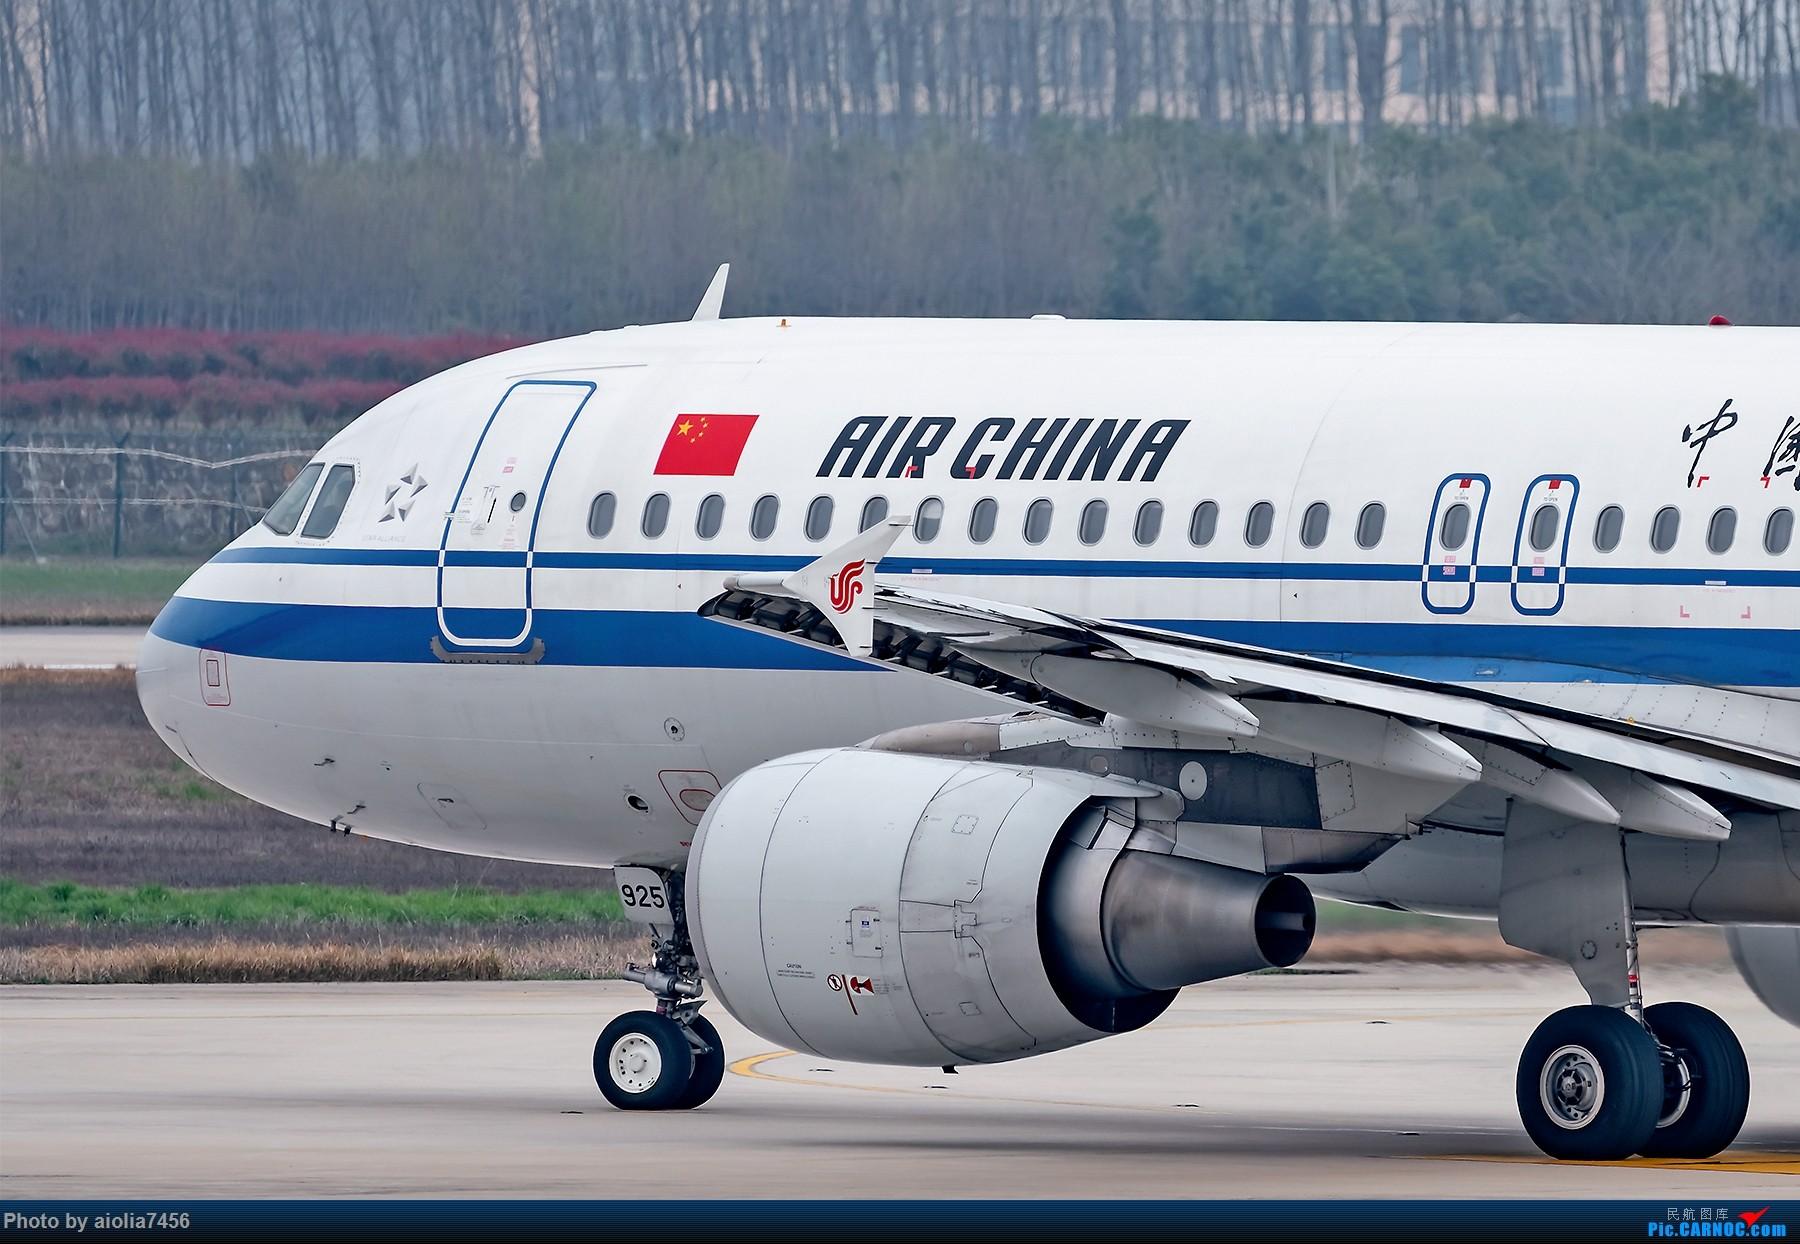 Re:[原创]{霸都打机队}儿子说,合肥为什么没有大飞机?(手动尴尬) AIRBUS A320-200 B-9925 中国合肥新桥国际机场